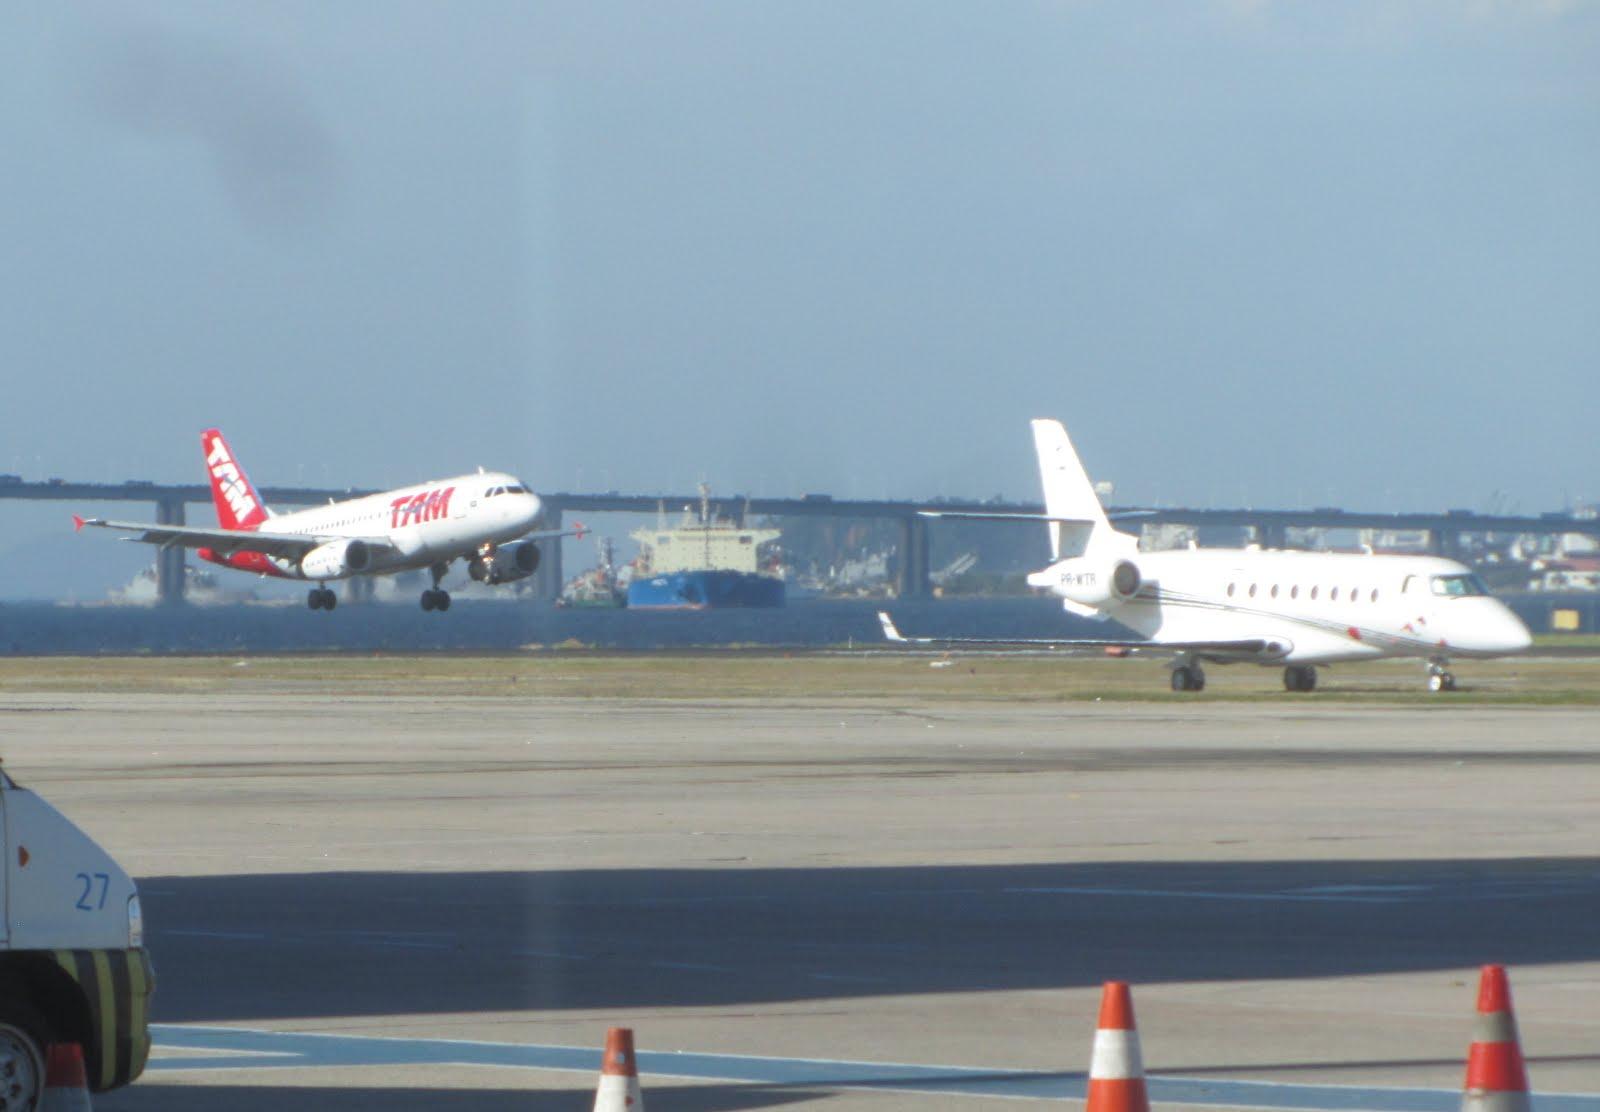 Aeroporto Rio De Janeiro : Rio de janeiro que eu amo aeroporto santos dumont